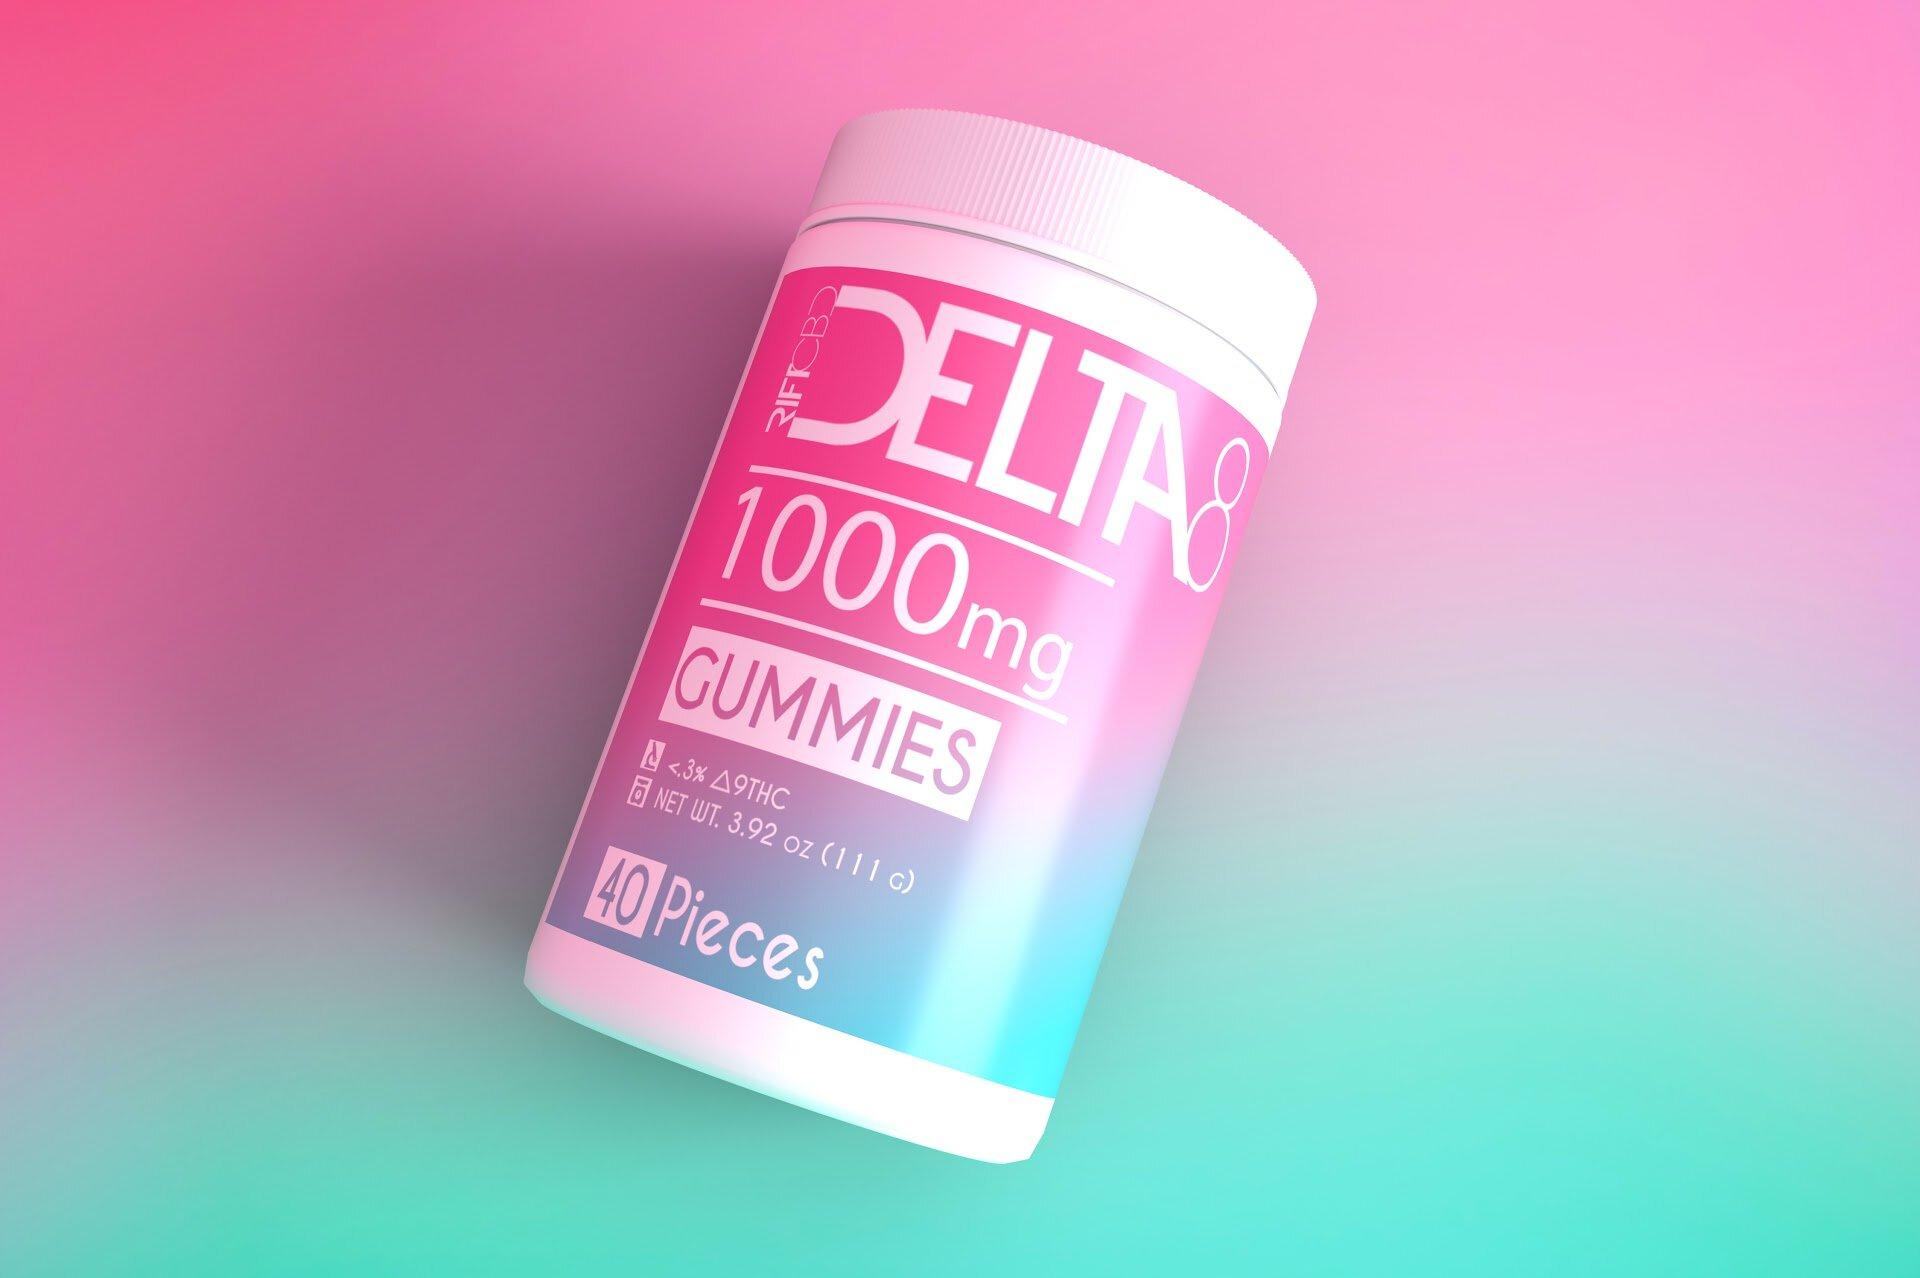 rift delta 8 thc edibles gummies 1000mg